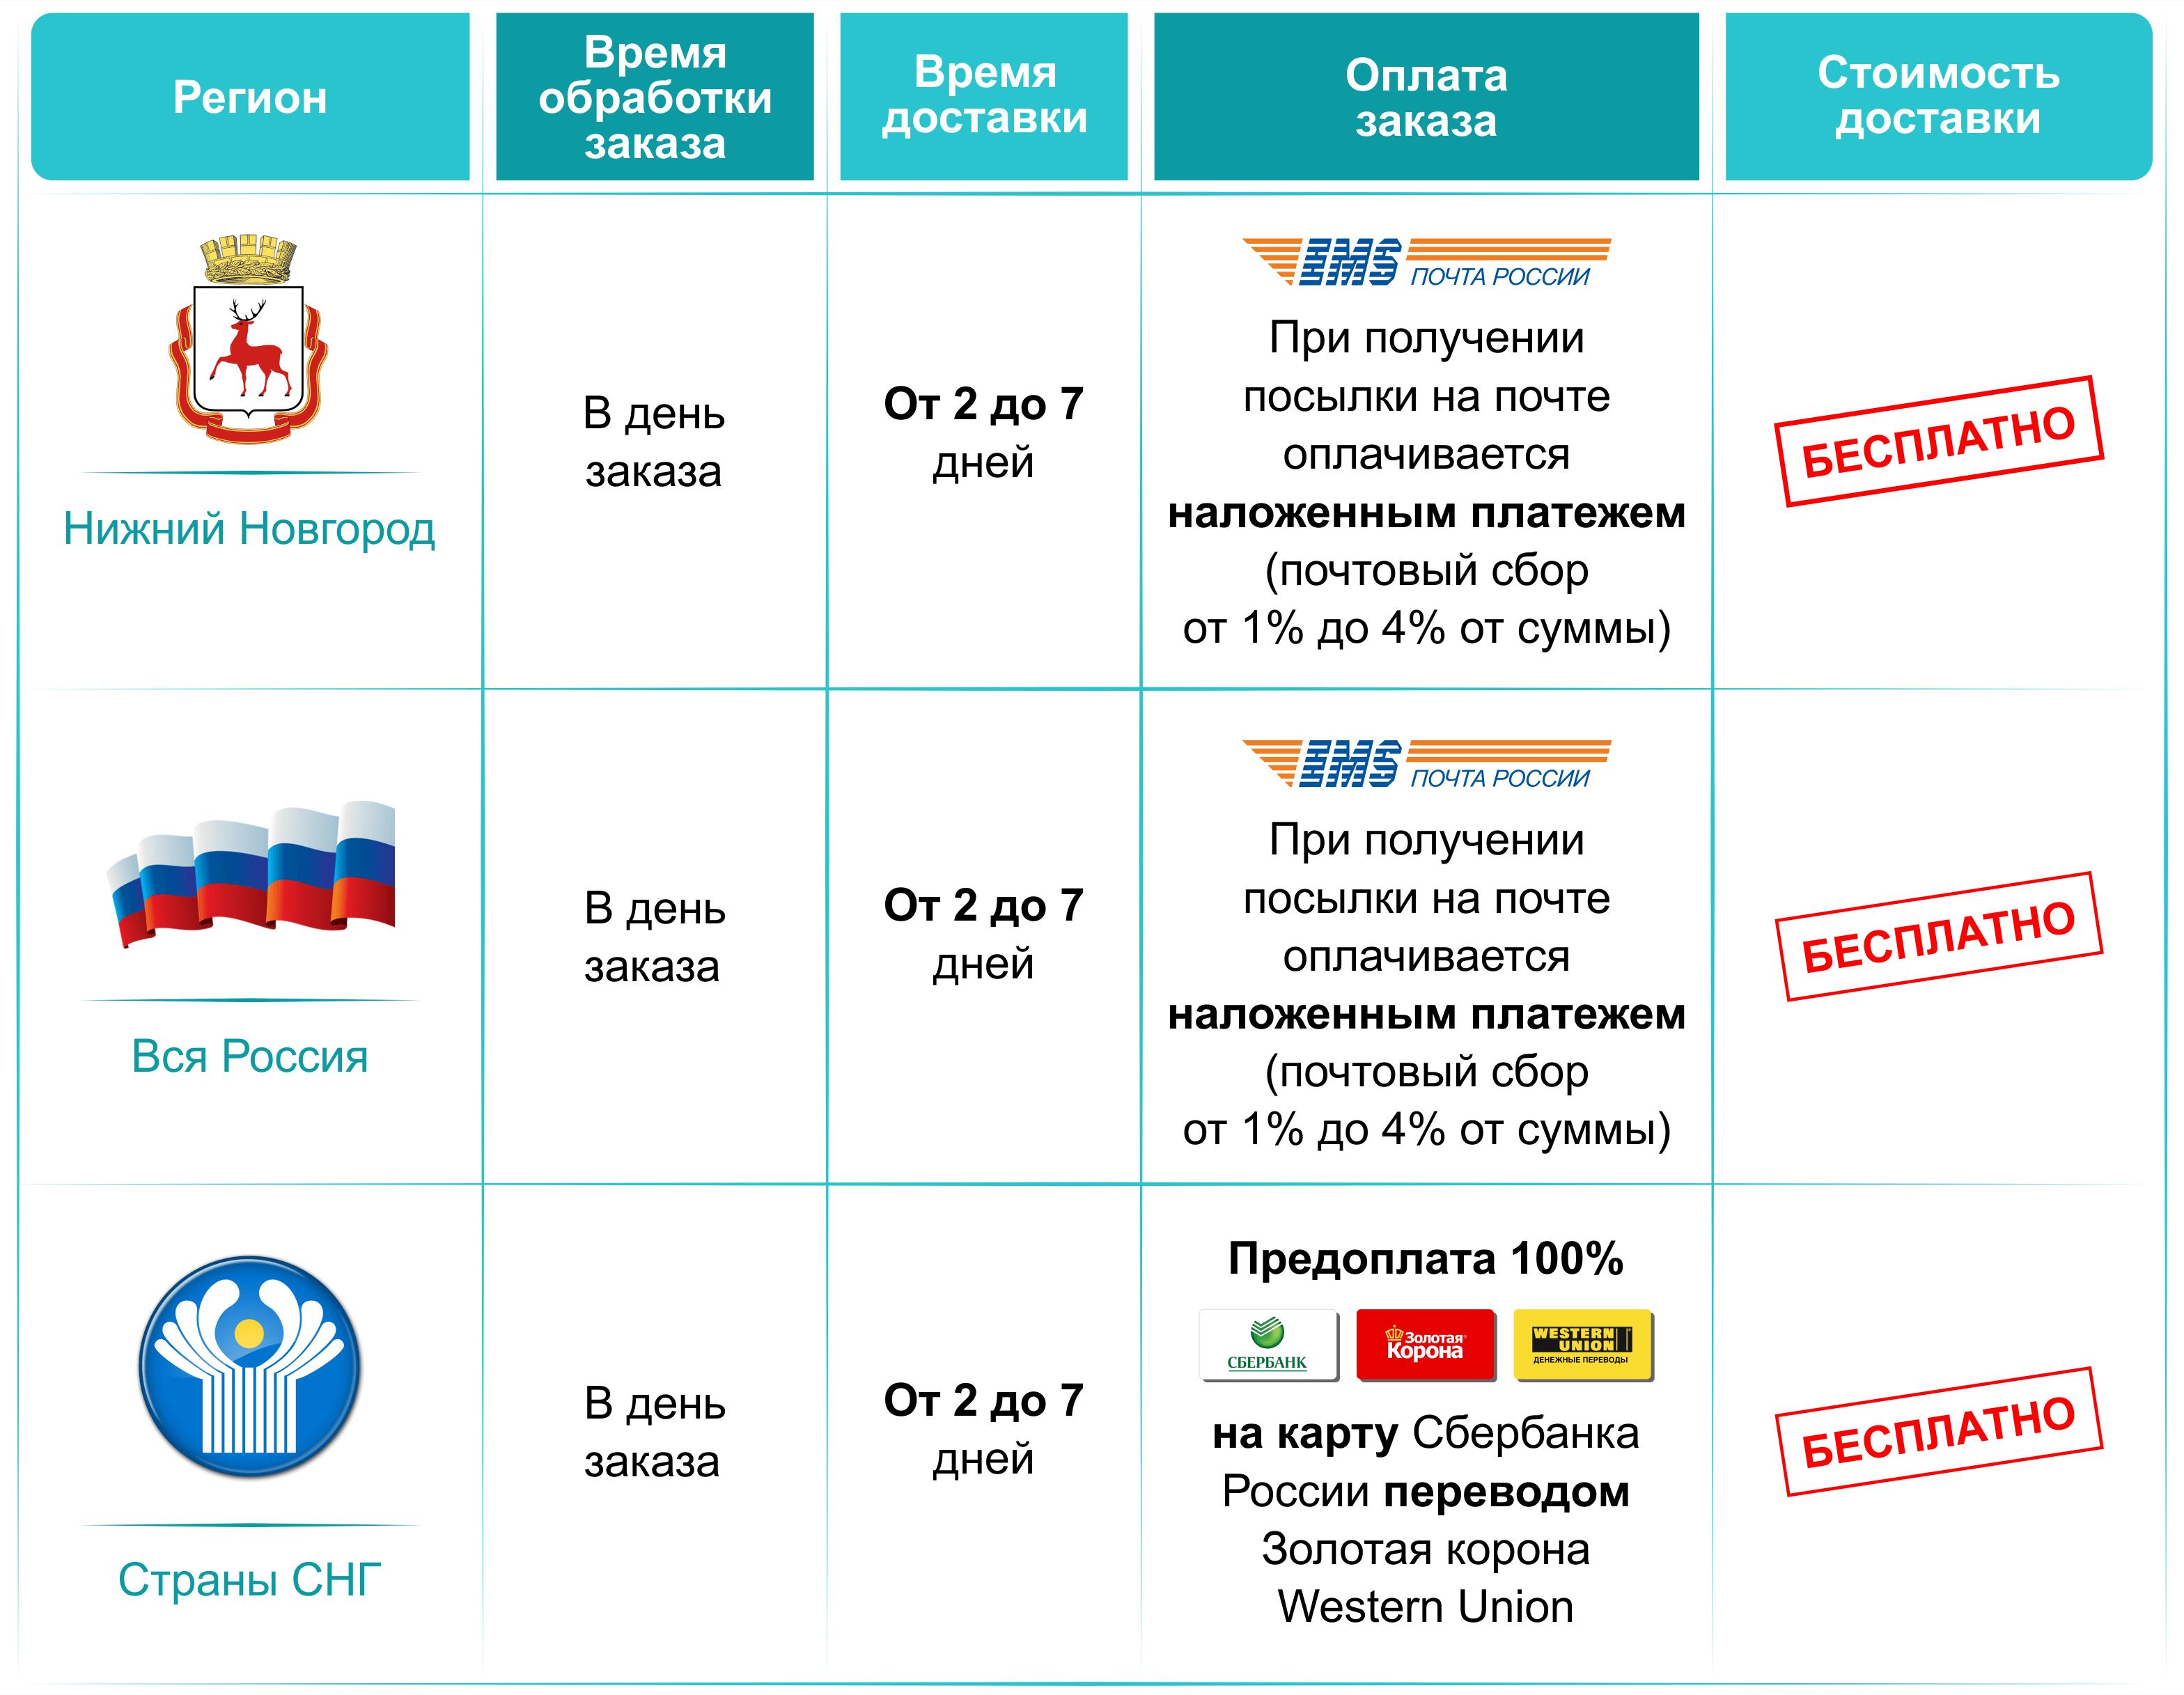 Доставка софосбувира в Нижний Новгород